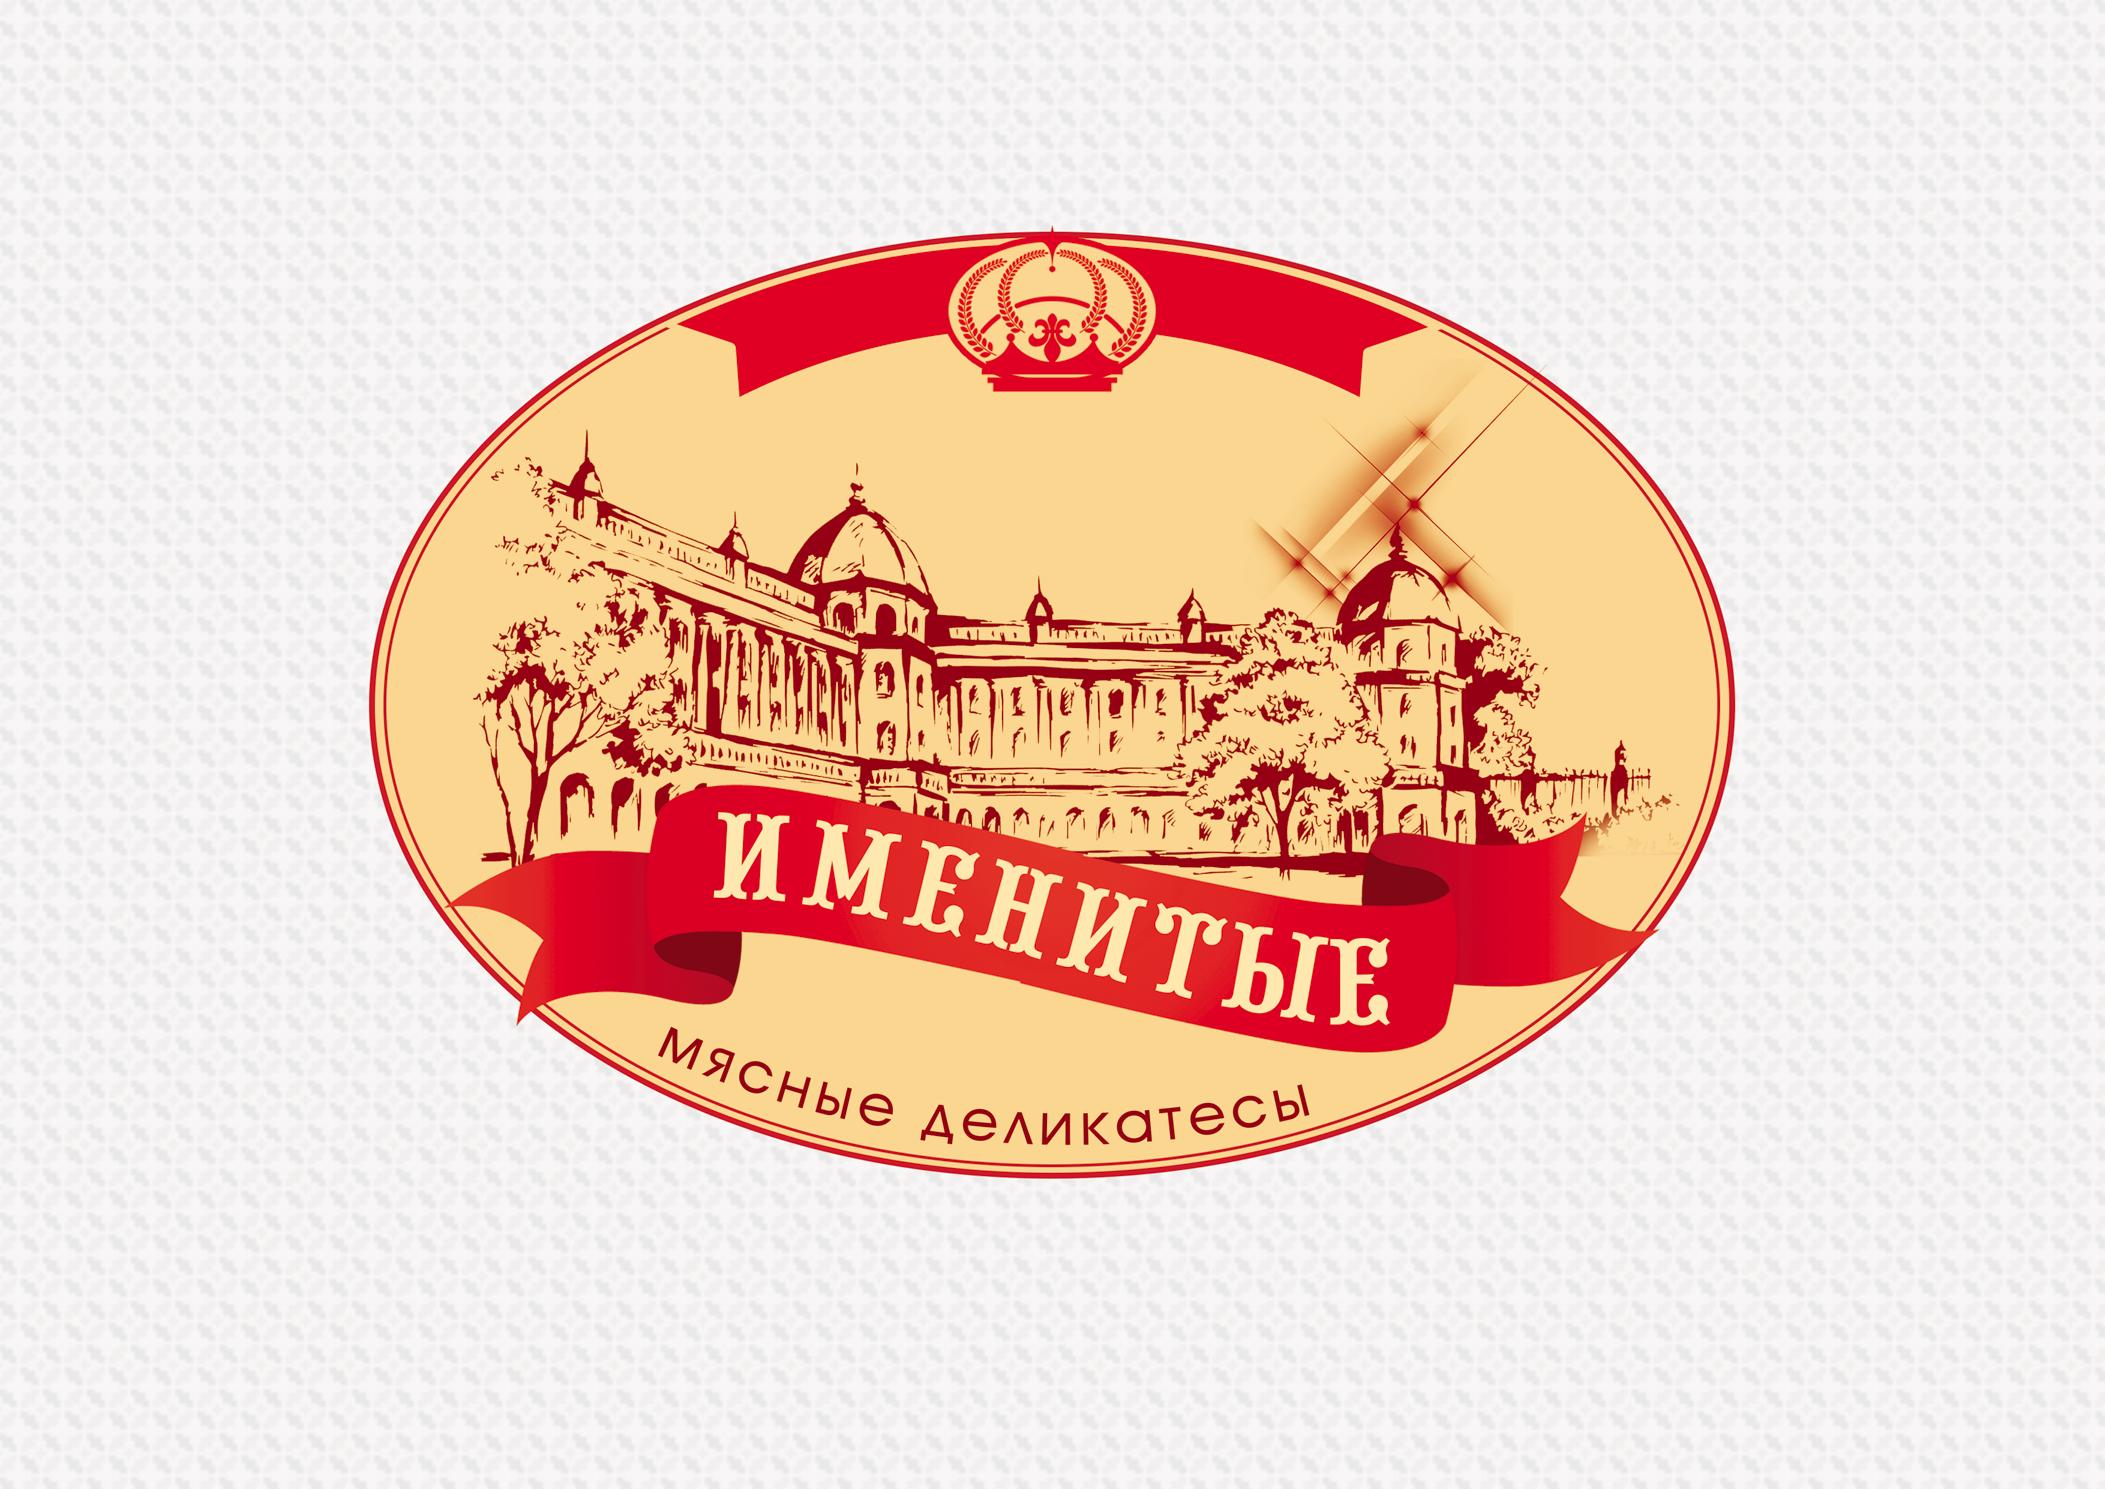 Логотип и фирменный стиль продуктов питания фото f_2825bbe1fa2da473.png